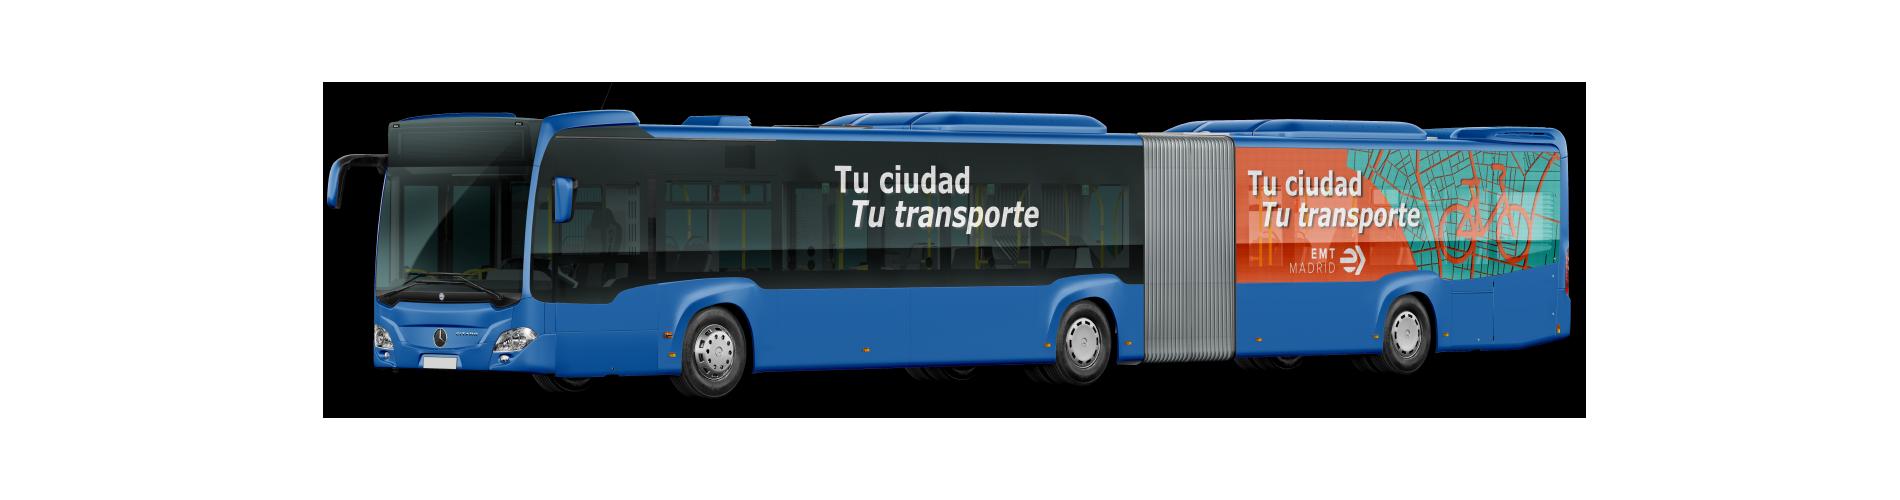 Campaña Tu ciudad, tu transporte EMT Madrid